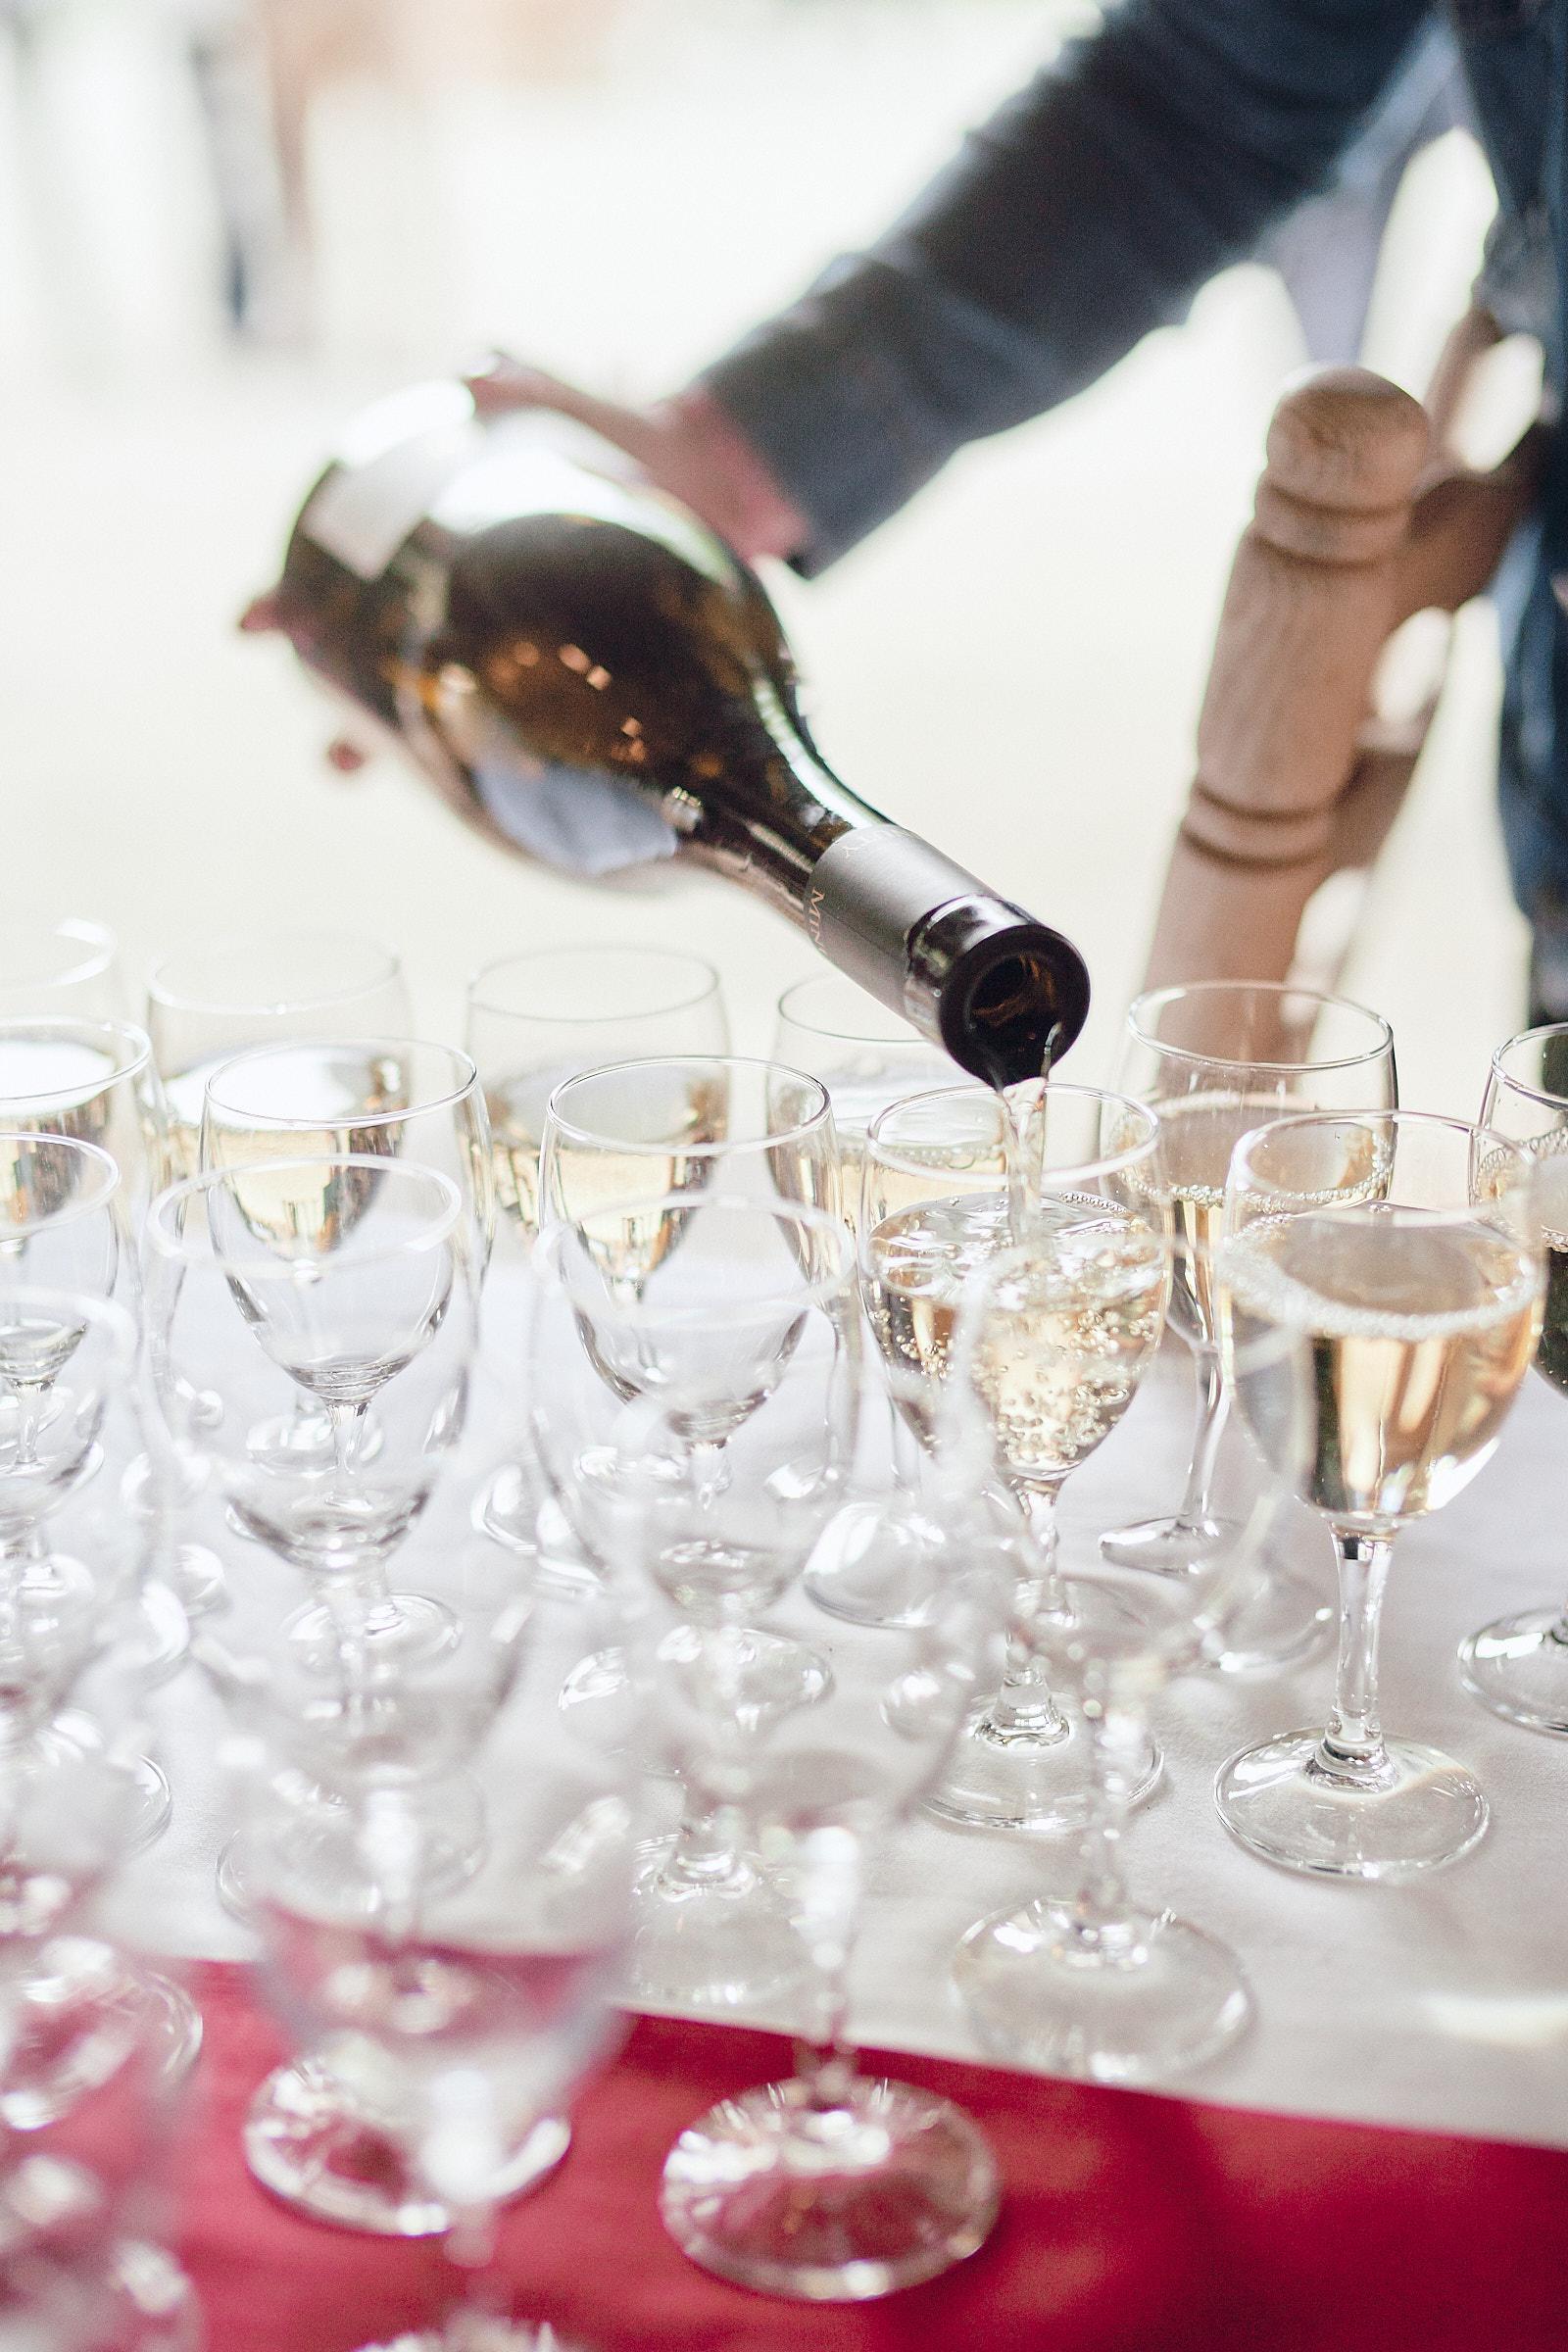 le serveur rempli des verres de vin